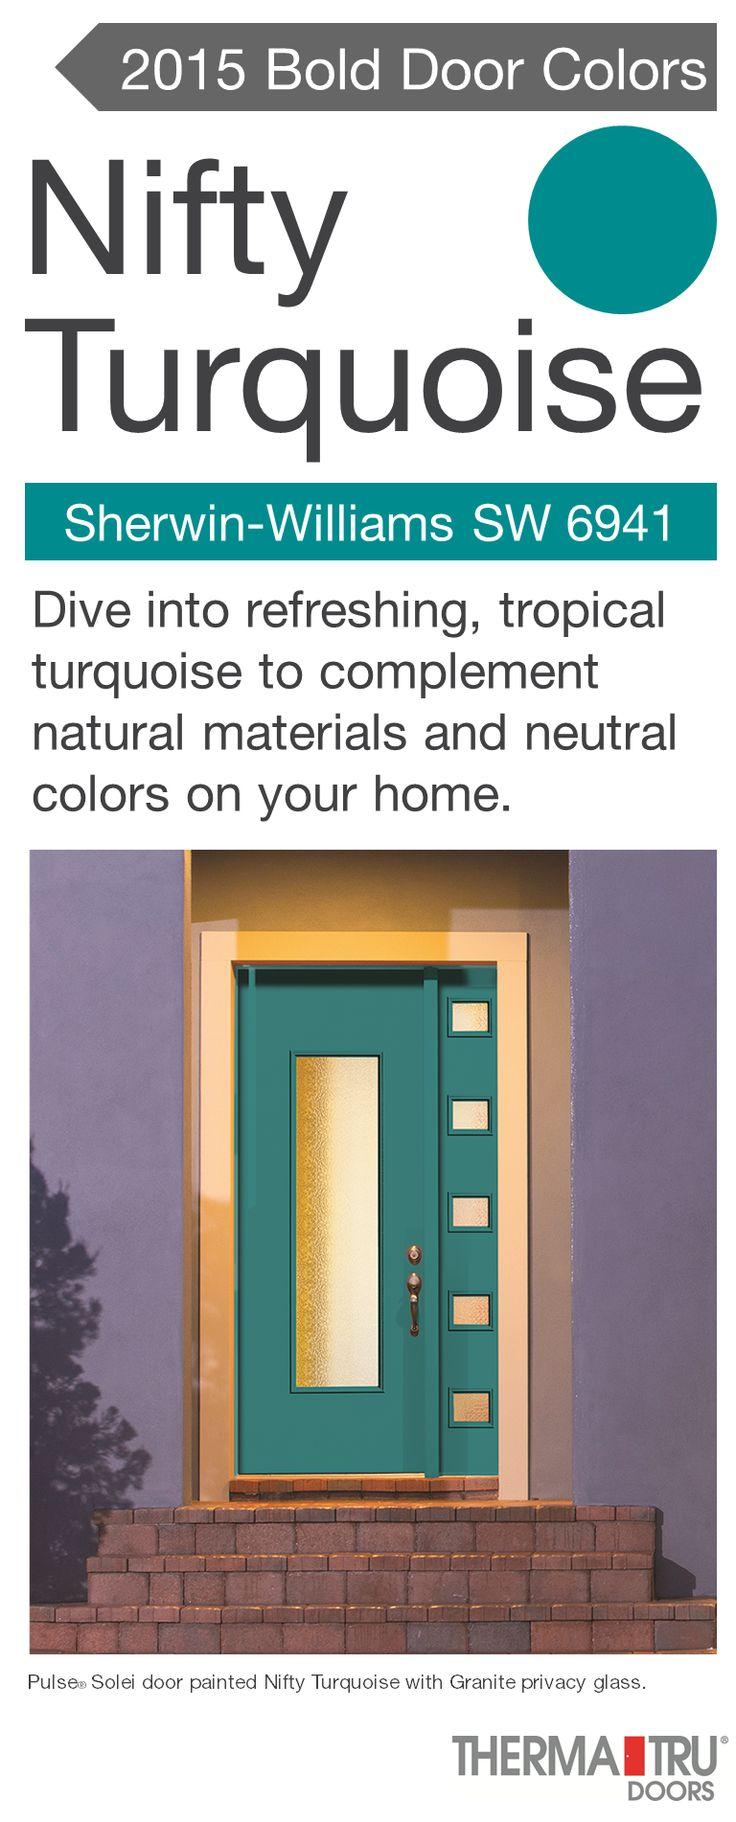 Pulse Solei fiberglass door painted Nifty Turquoise   one of the hot door  colors for 201535 best 2016 Front Door Color Trends images on Pinterest   Front  . Front Door Color Trends 2014. Home Design Ideas